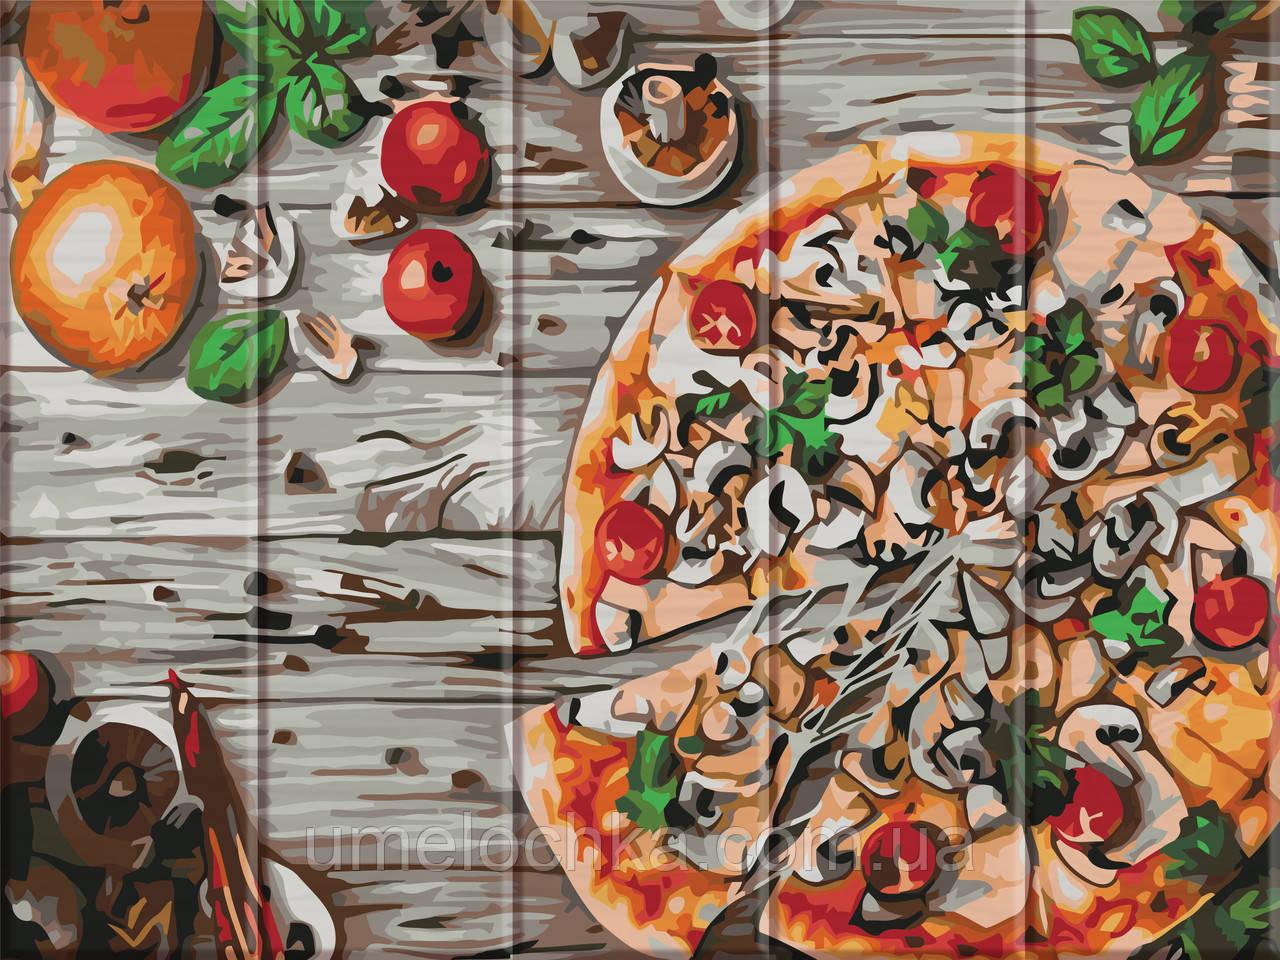 Картина по номерам Пицца 30 х 40 см (ASW029)